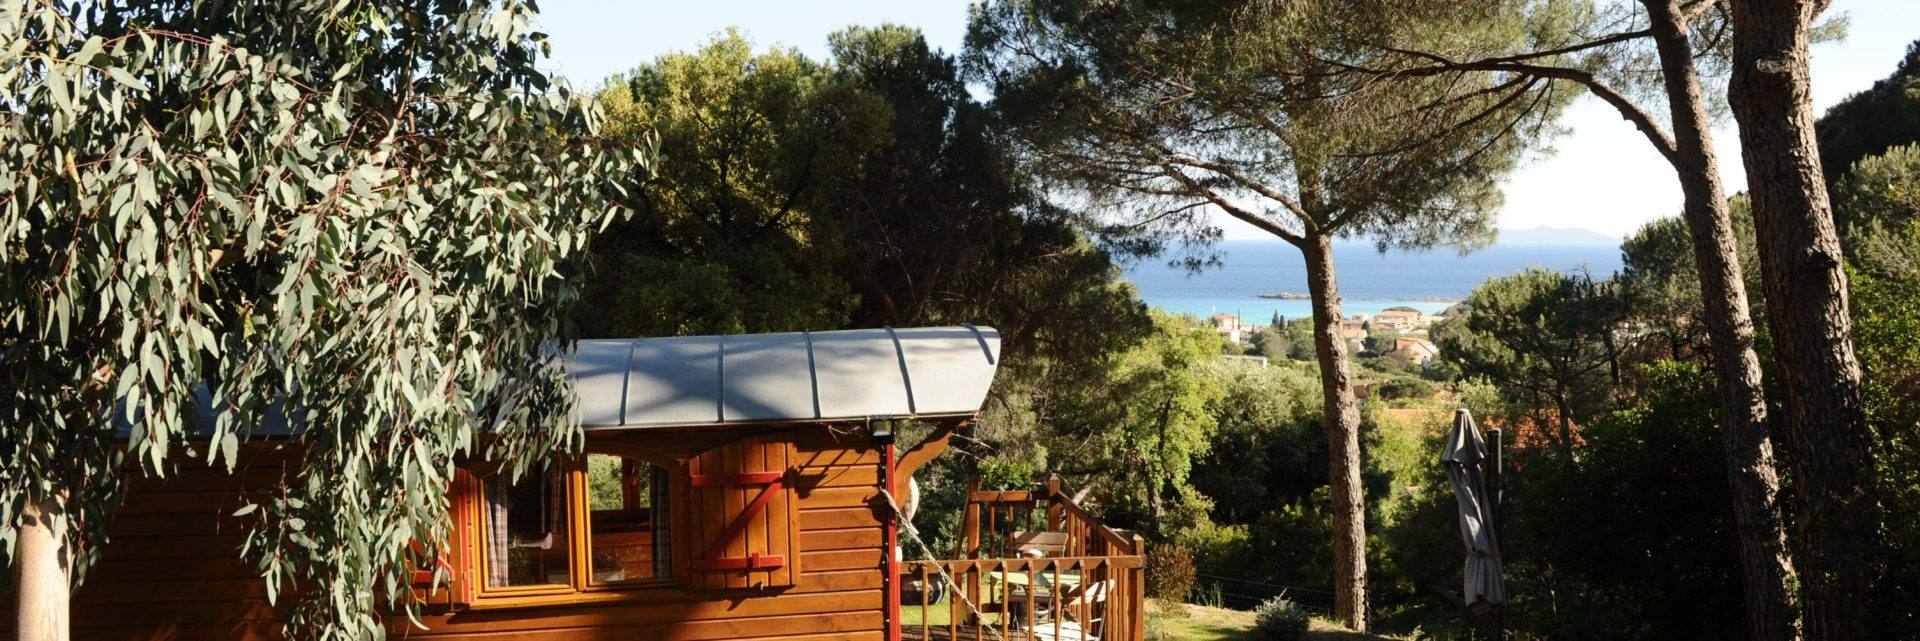 Villa Thalassa - roulotte Pelagos - au Lavandou